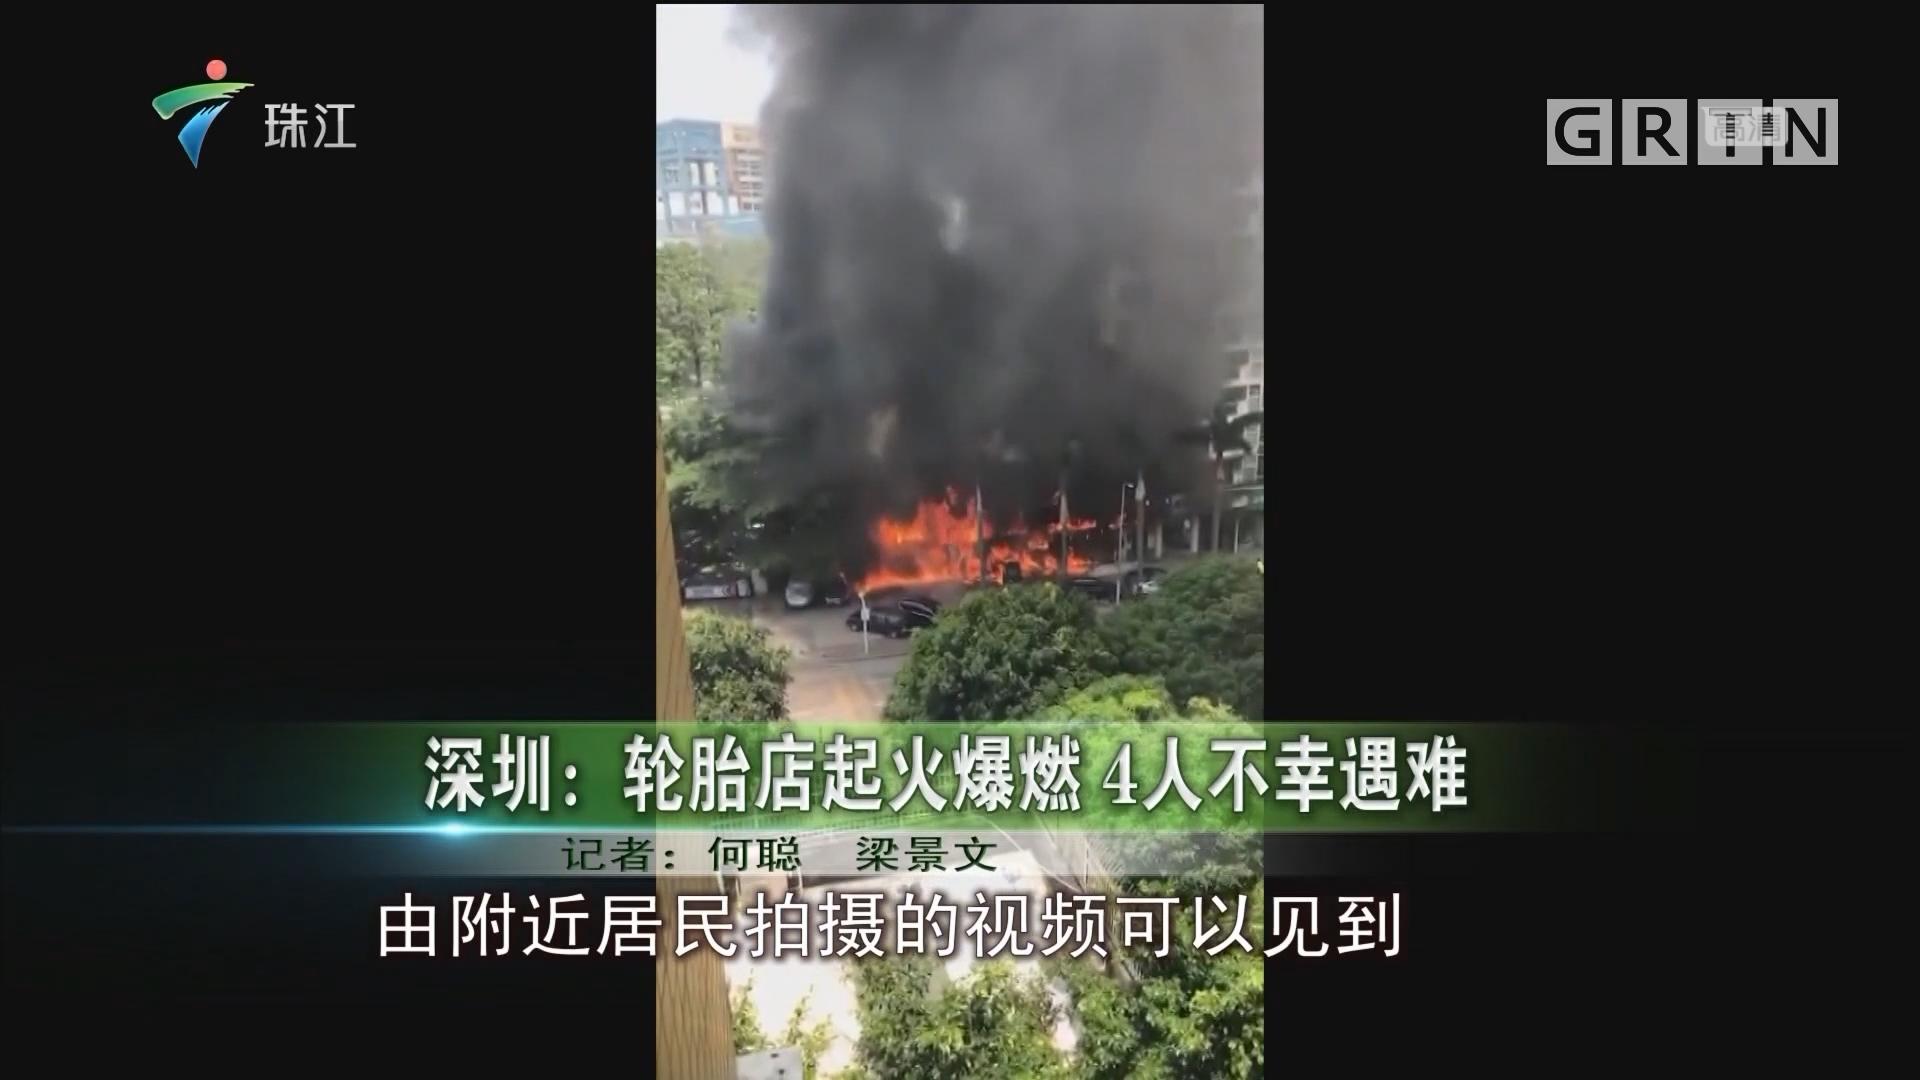 深圳:轮胎店起火爆燃 4人不幸遇难